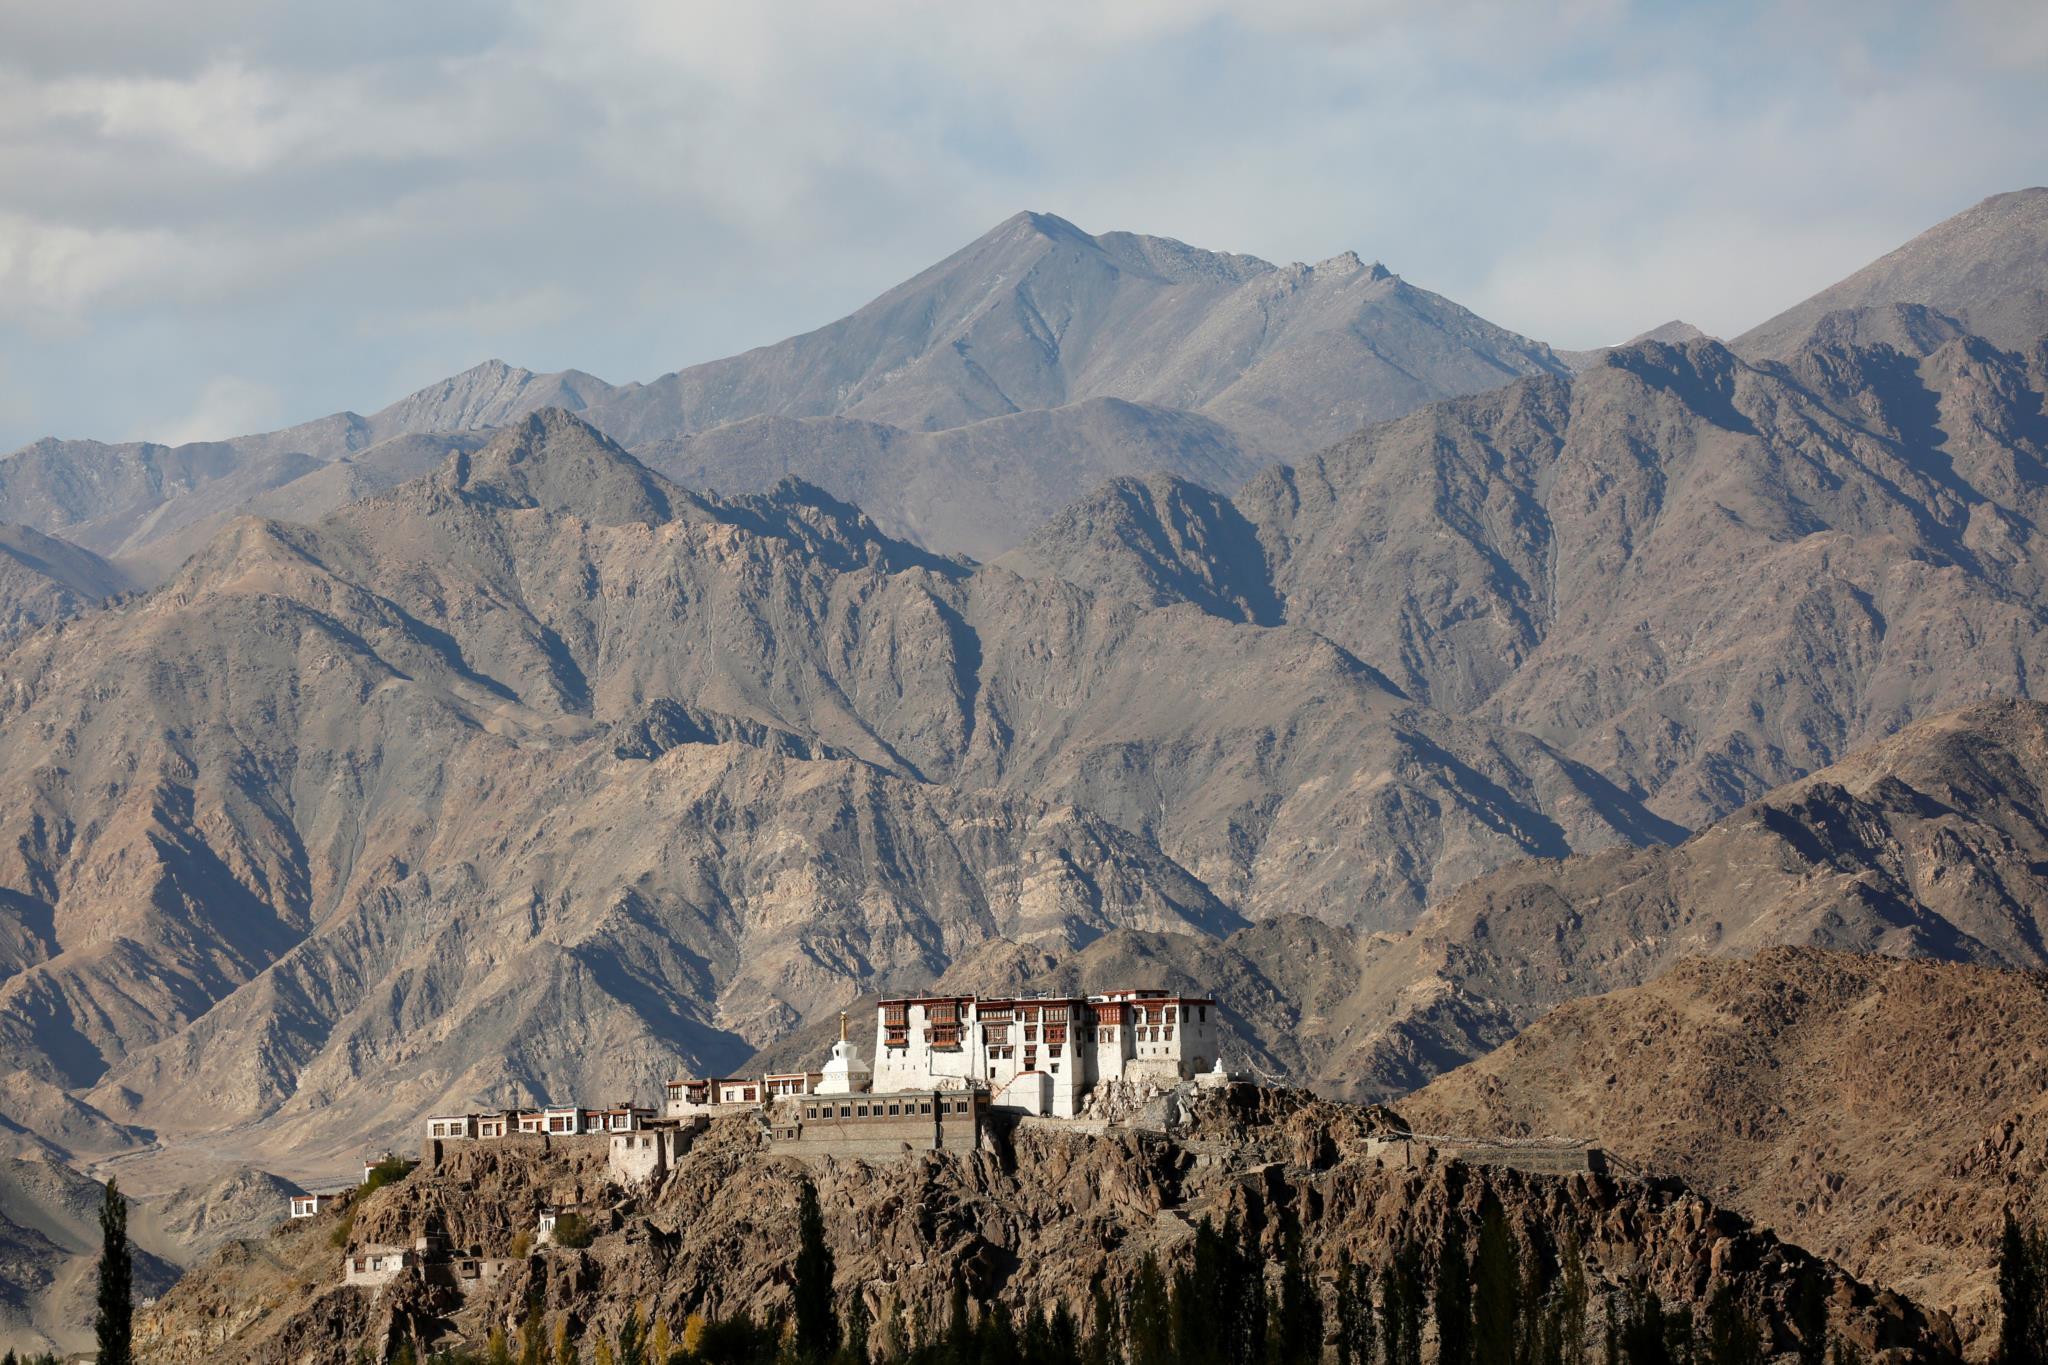 O Mosteiro de Stakna fica próximo de Leh